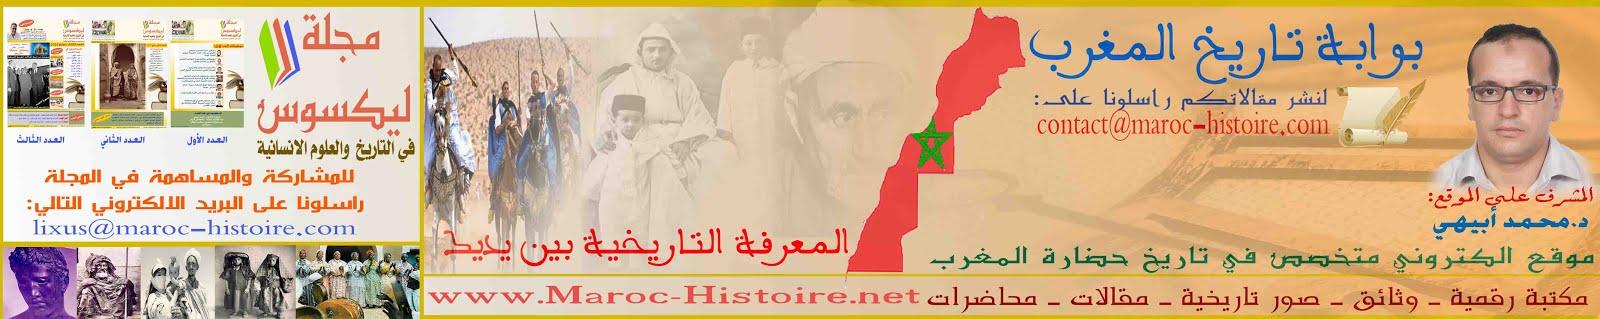 بوابة تاريخ المغرب